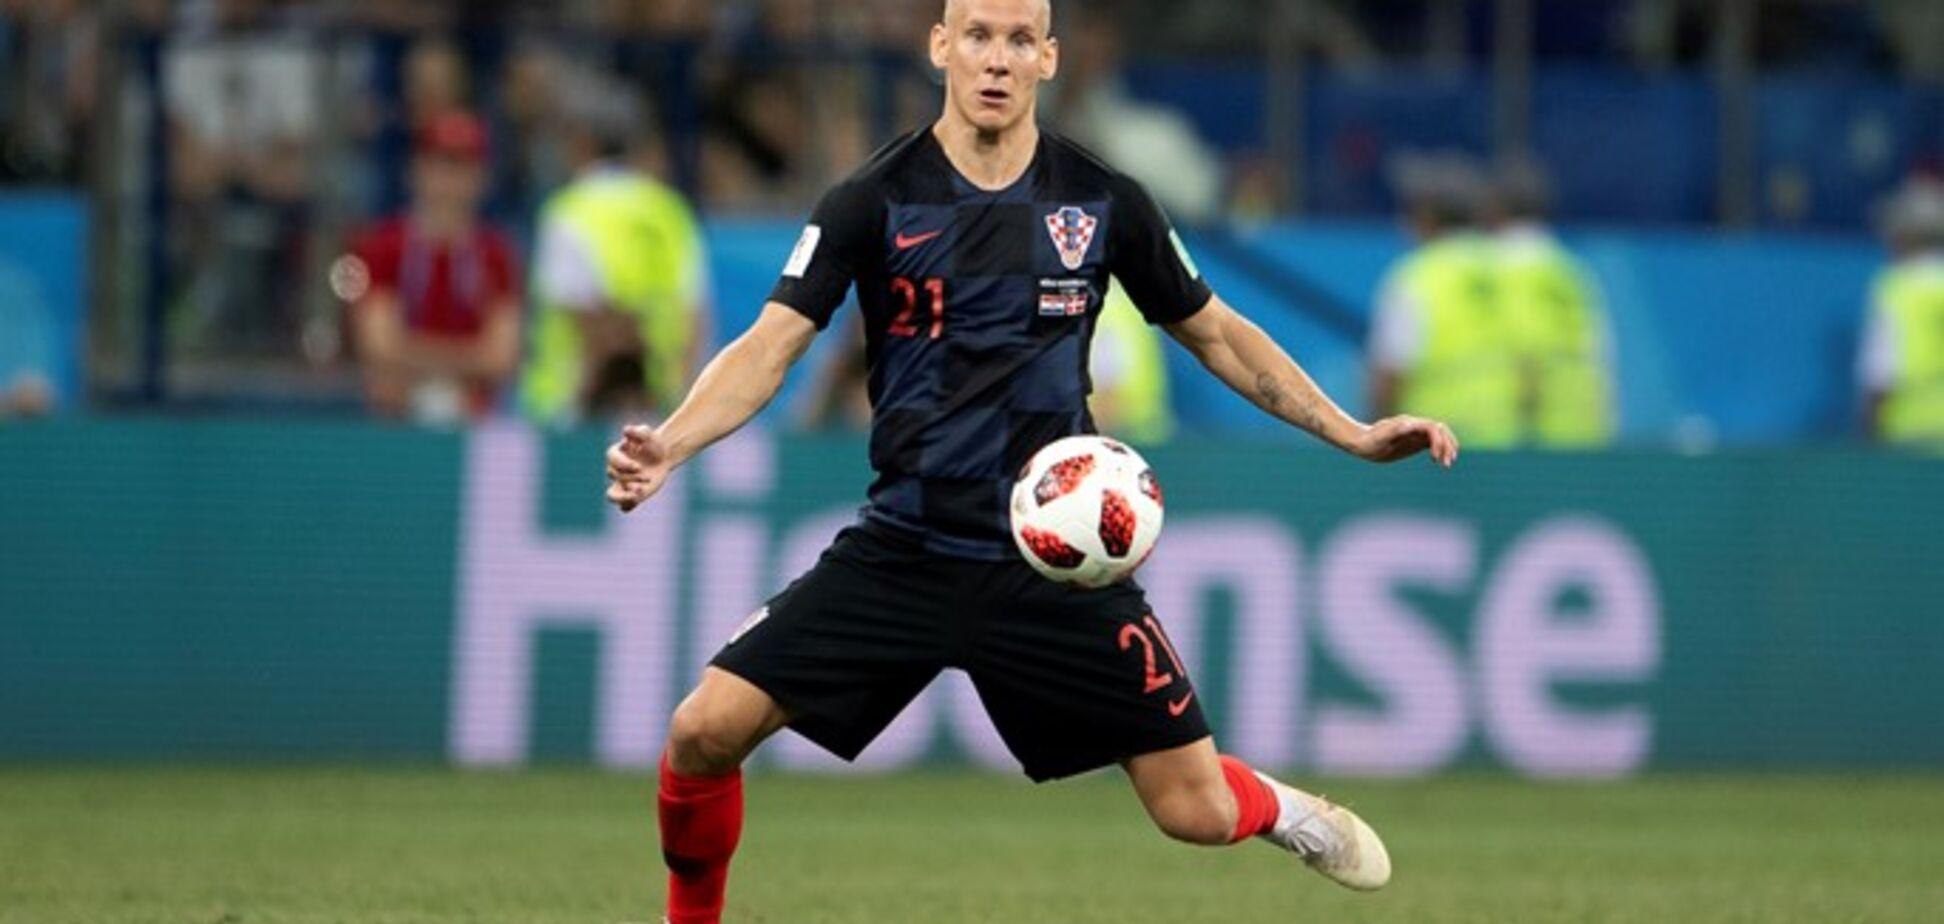 Хорватский футбольный союз сделал заявление по 'Слава Украине!' от Виды